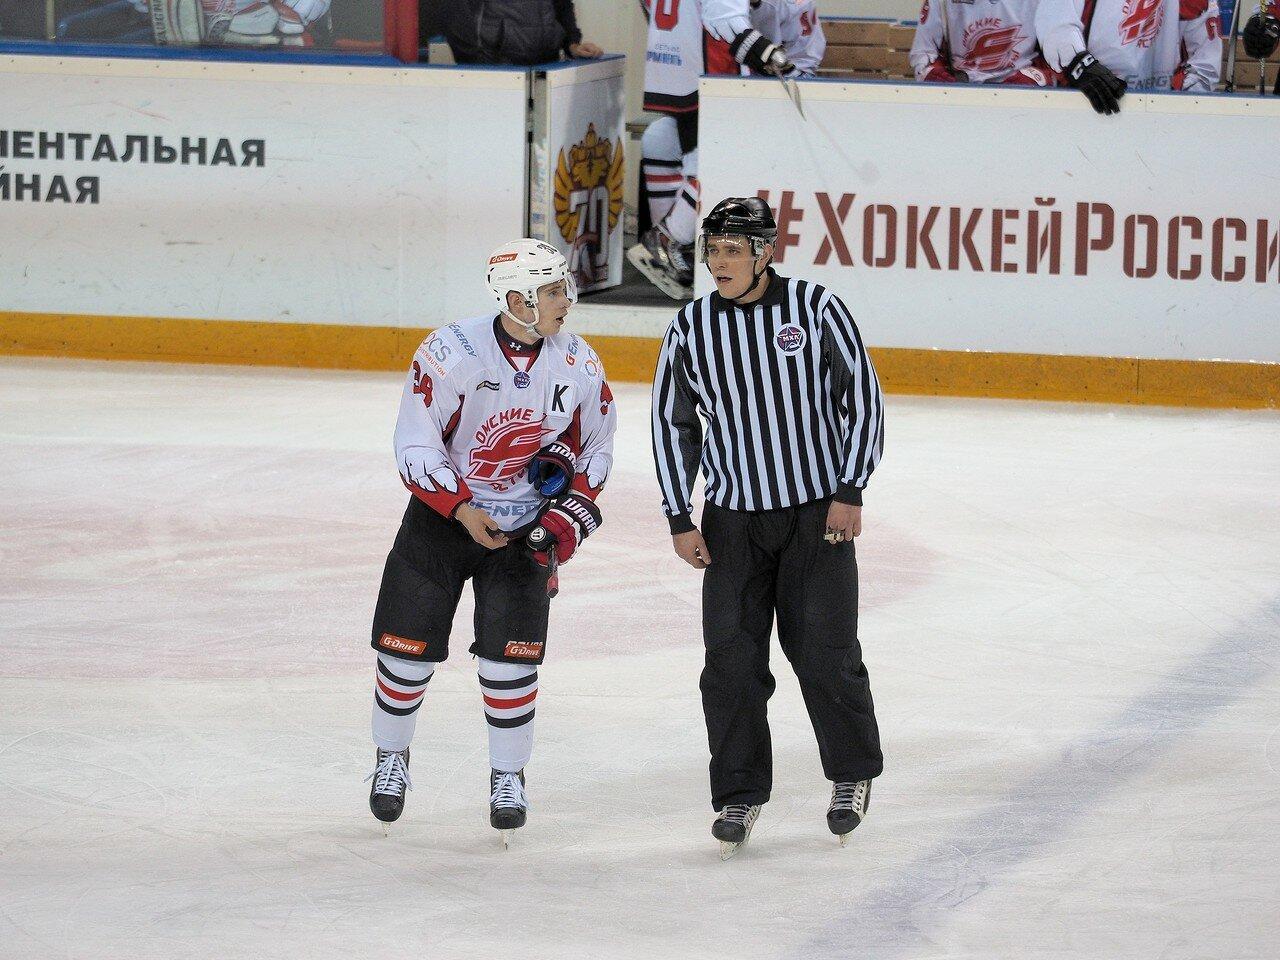 92Стальные Лисы - Омские Ястребы 13.12.2016